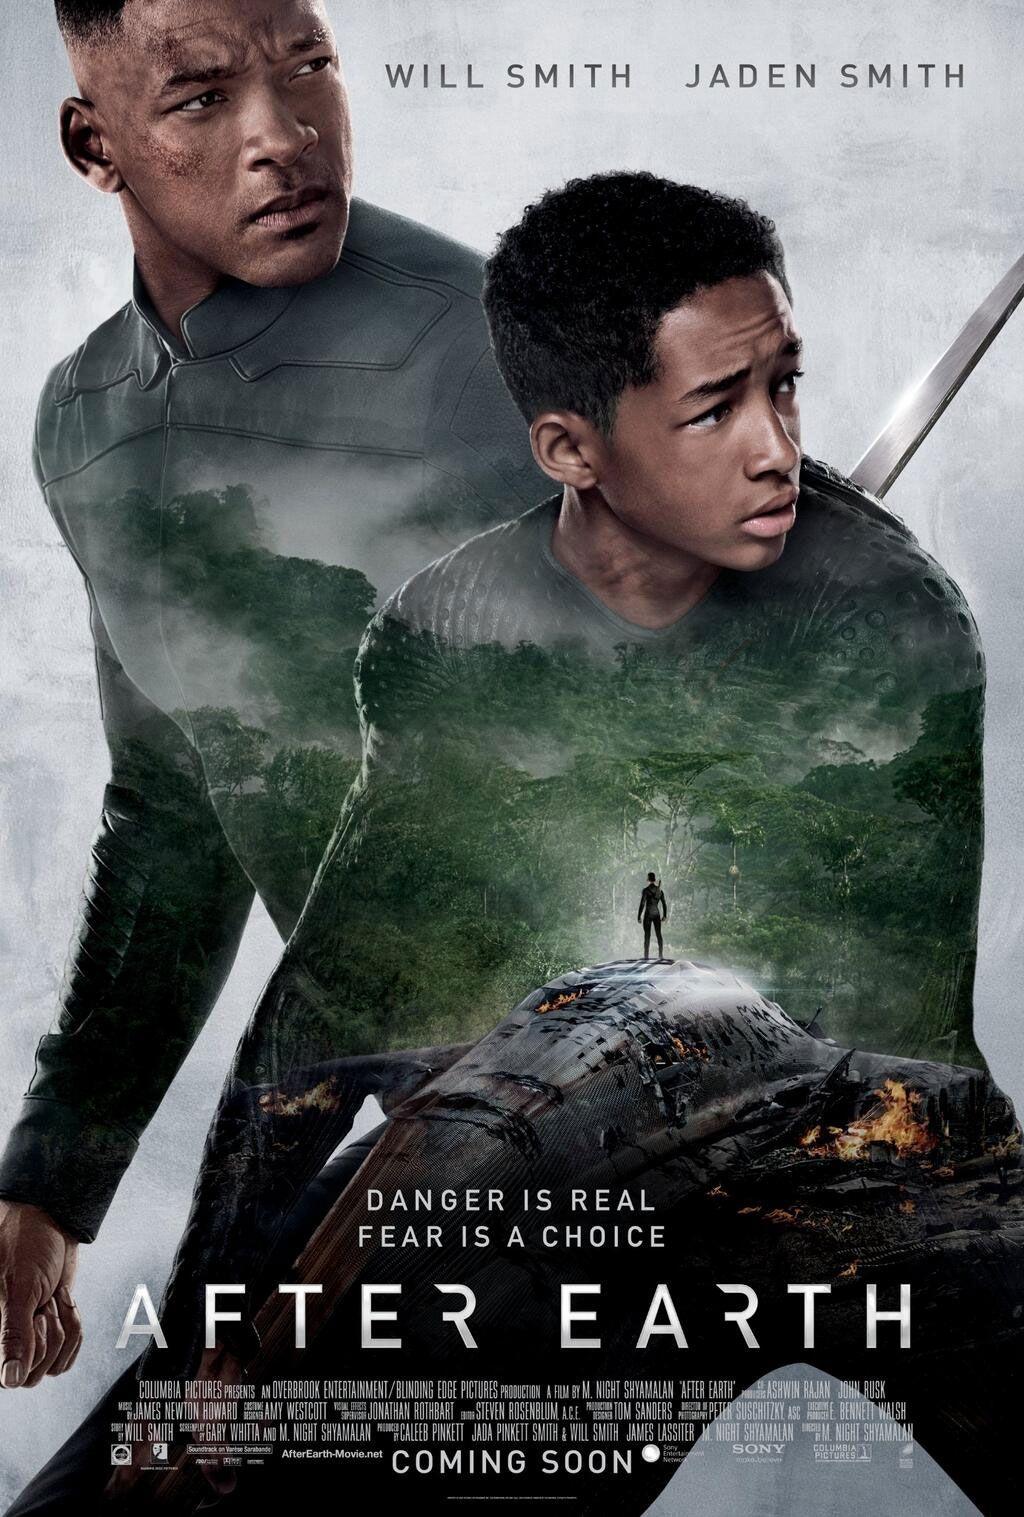 After Earth Movie Poster Click To View Afterearth Poster Film Geek Carteleras De Cine Despues De La Tierra Peliculas Cine